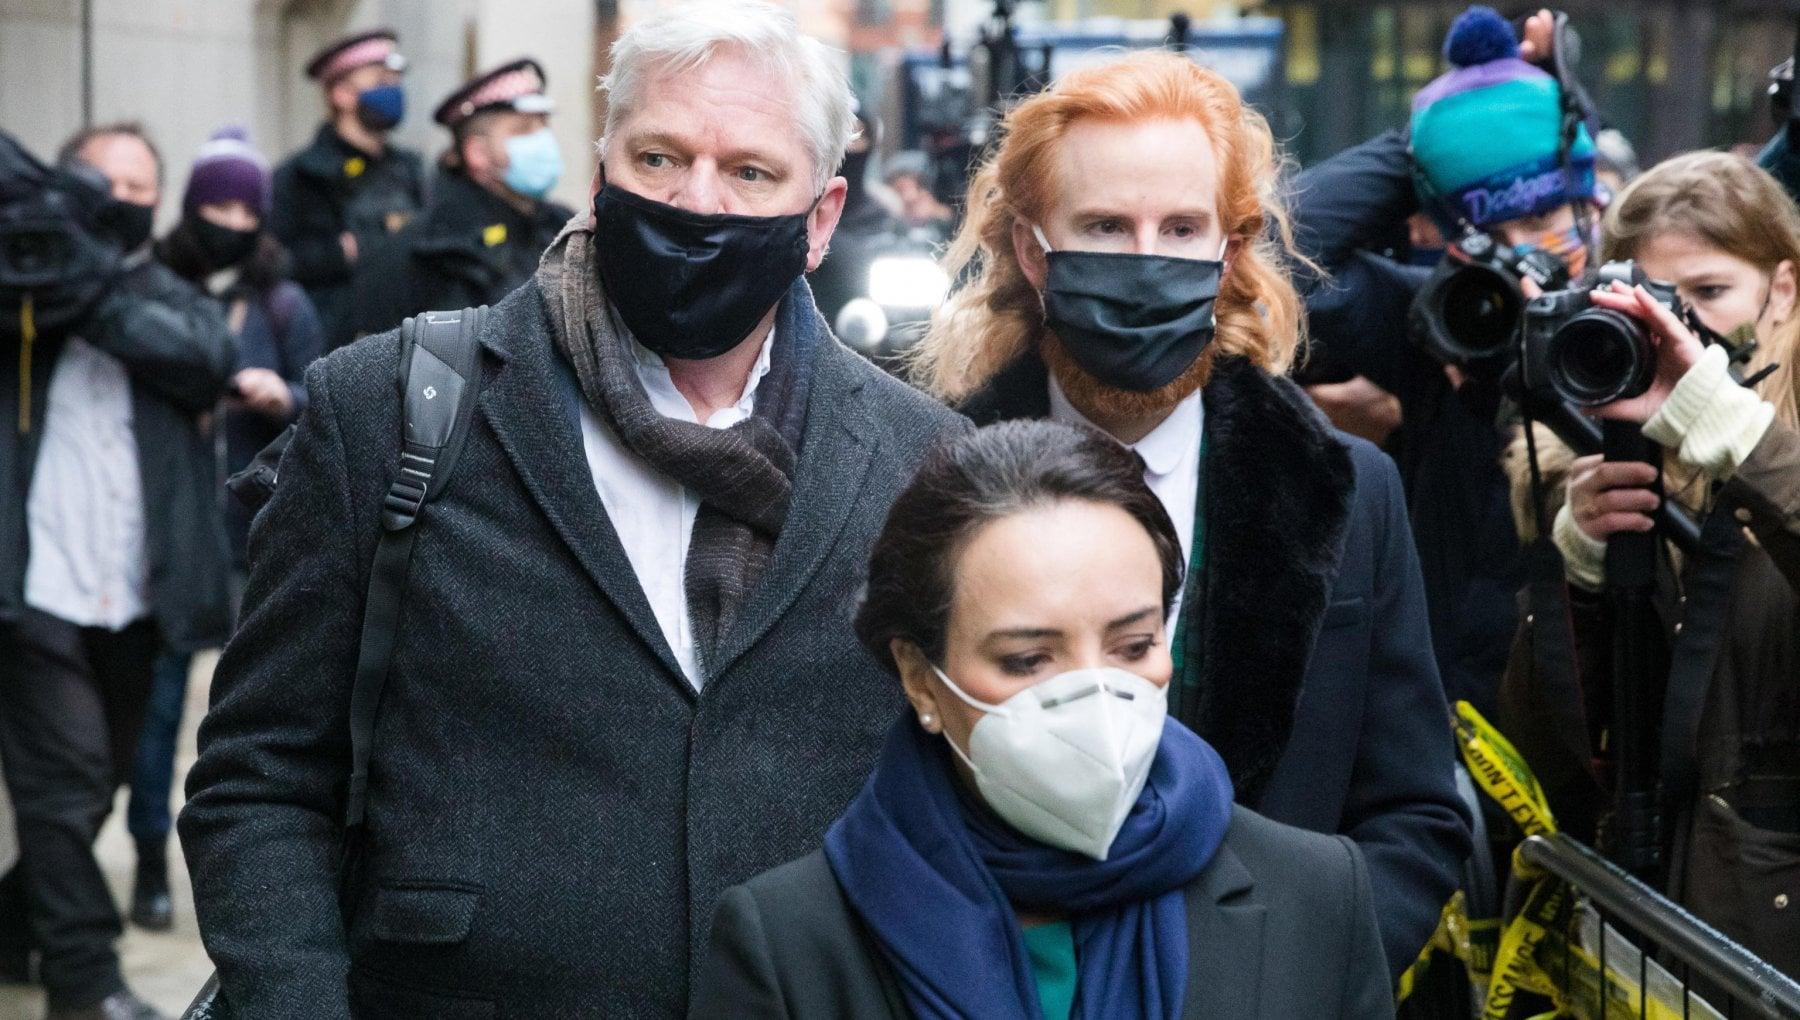 """121847218 0e30f79f 011a 4469 8641 b923c9099c1d - Regno Unito, il giudice nega l'estradizione di Julian Assange negli Stati Uniti: """"Rischio suicidio"""""""